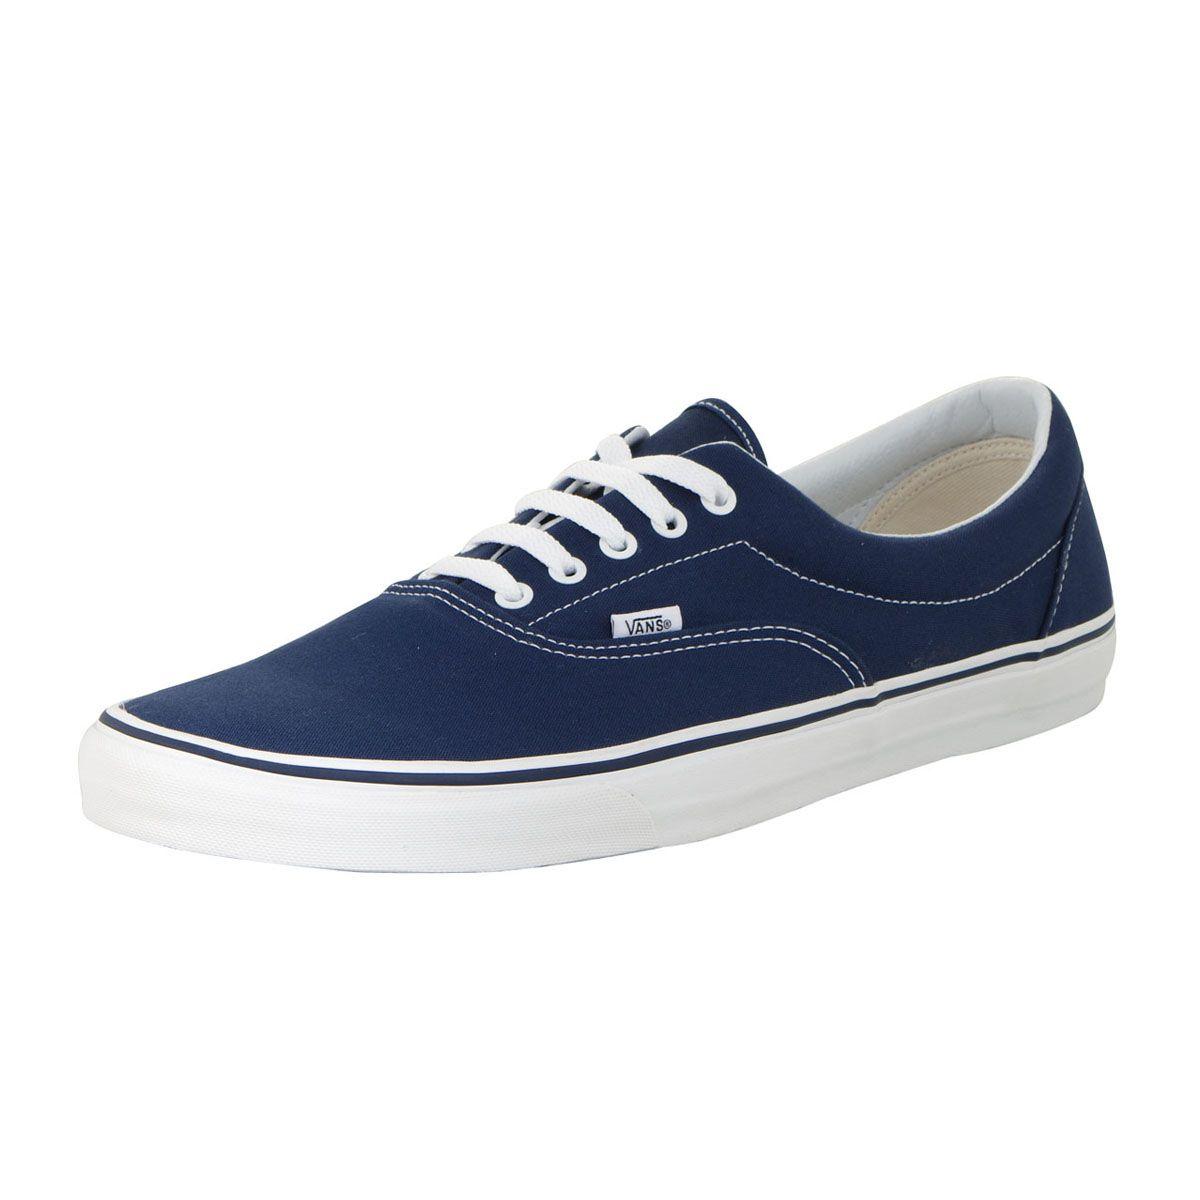 chaussures en toile bleues grande taille du 47 au 50. Black Bedroom Furniture Sets. Home Design Ideas